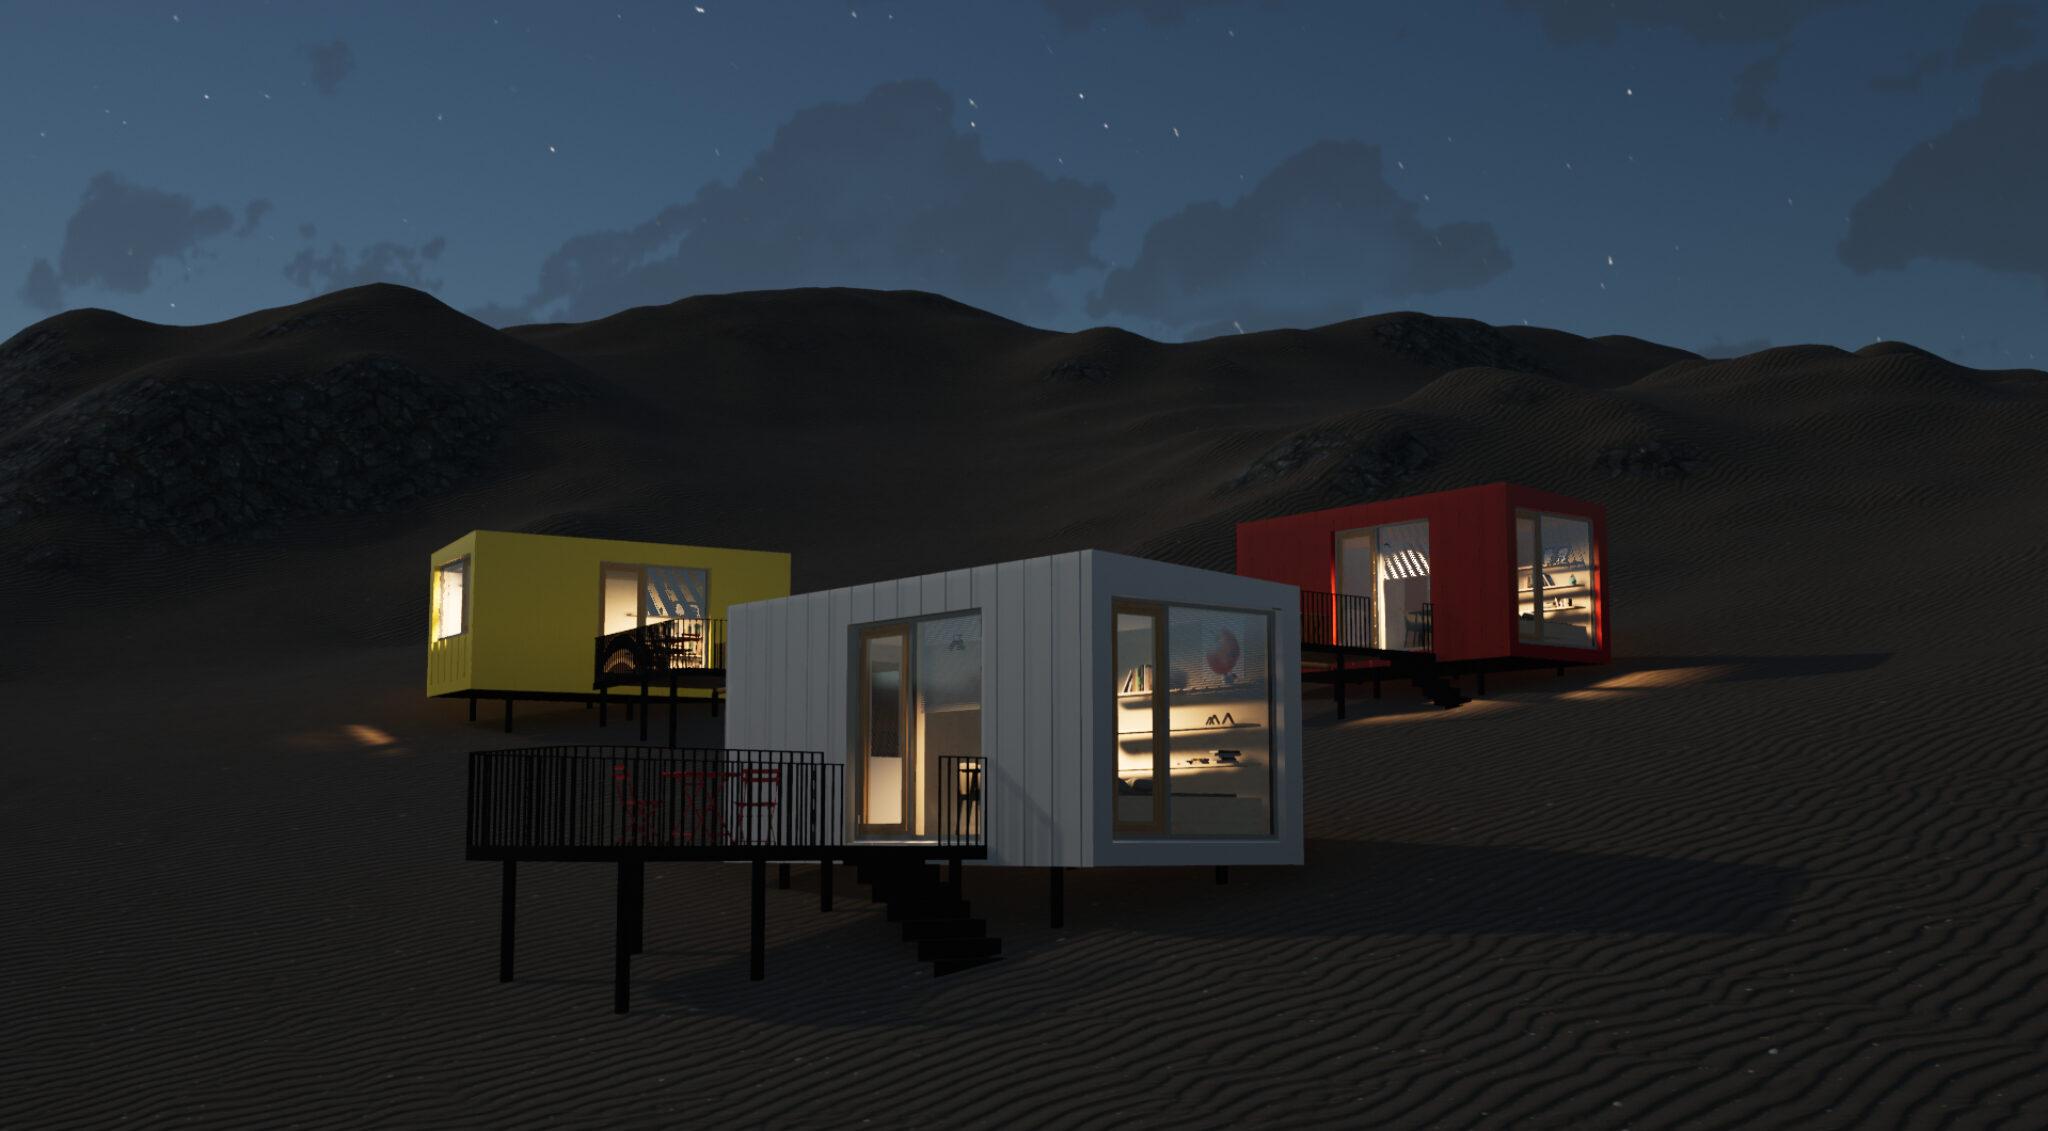 Beleuchtete Tiny Houses in der Nacht.